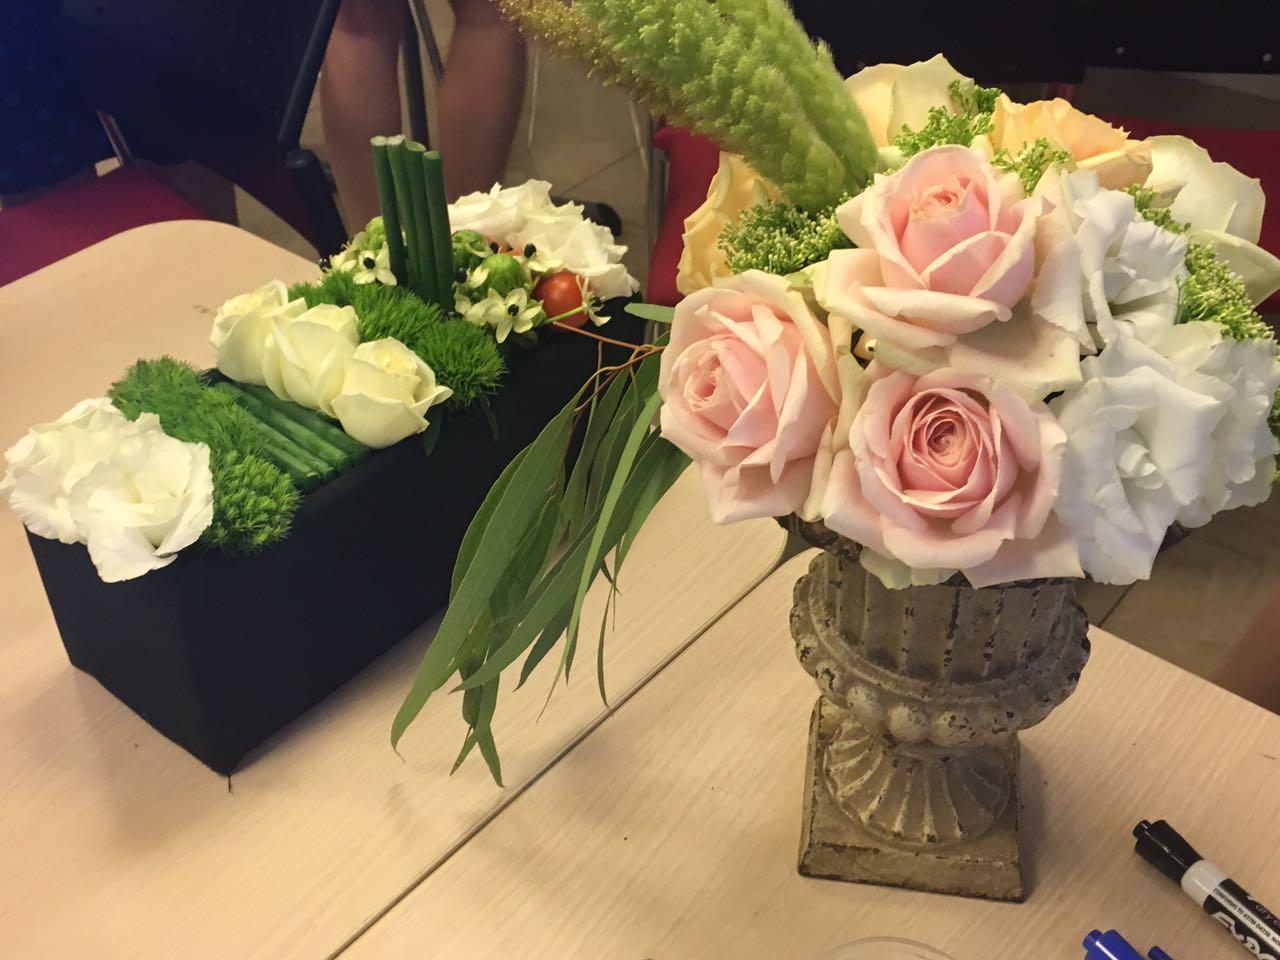 גלרייה - שזירת פרחים - קורס עיצוב ניהול והפקת אירועים מחזור 15, 15 מתוך 22